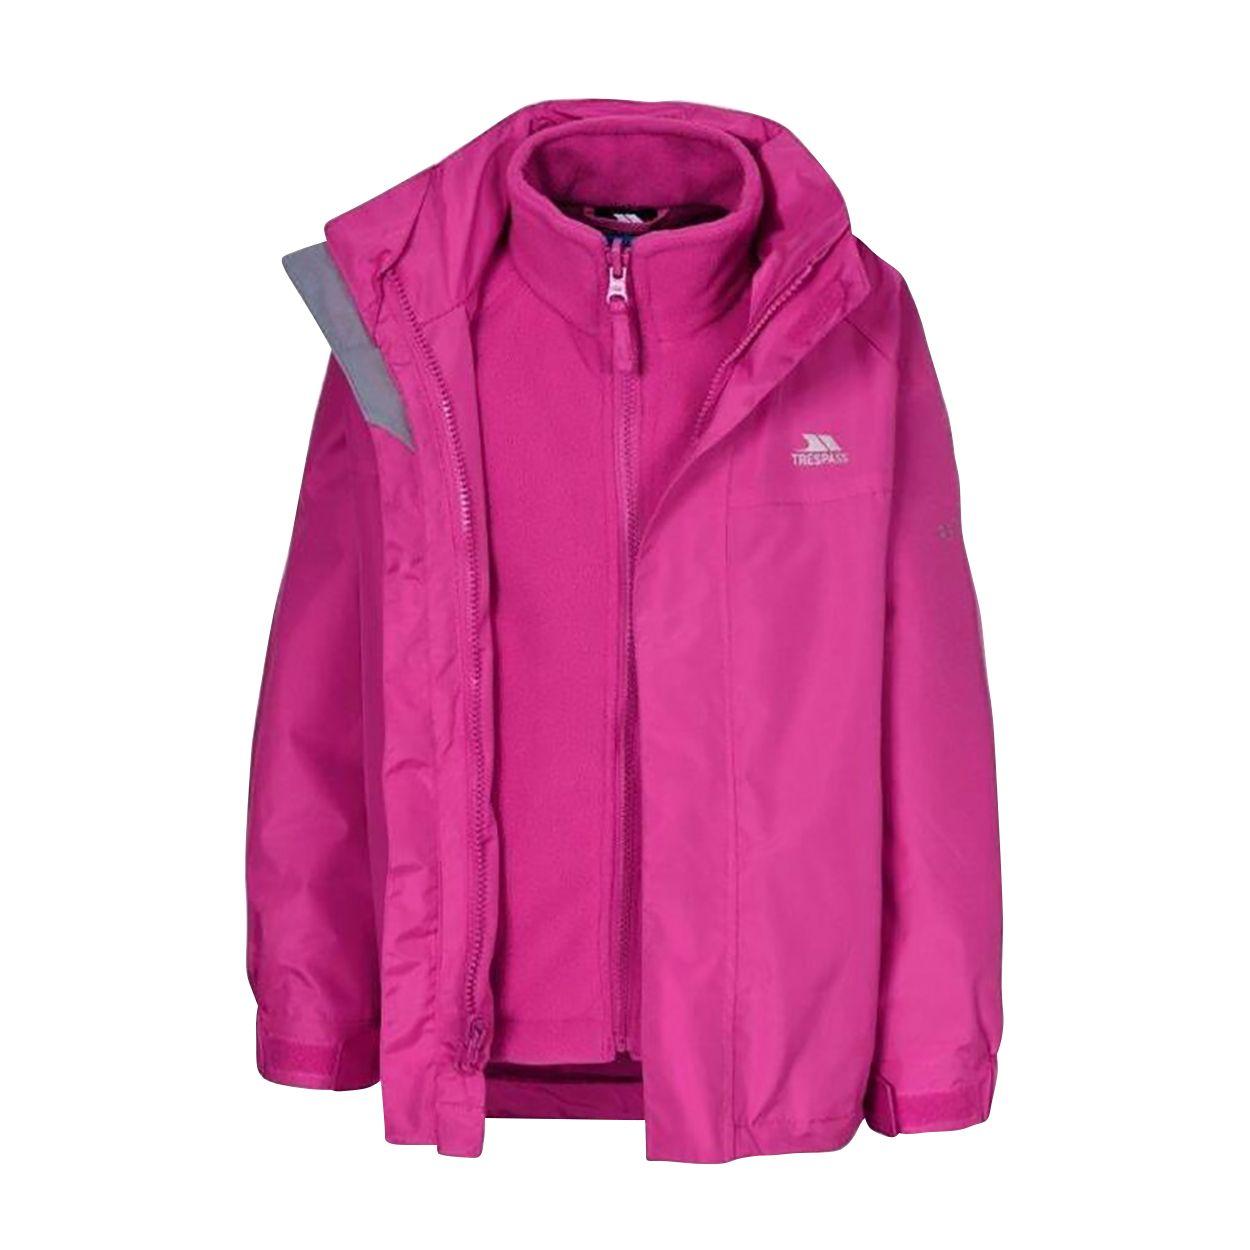 Trespass Girls Prime II Waterproof 3-In-1 Jacket